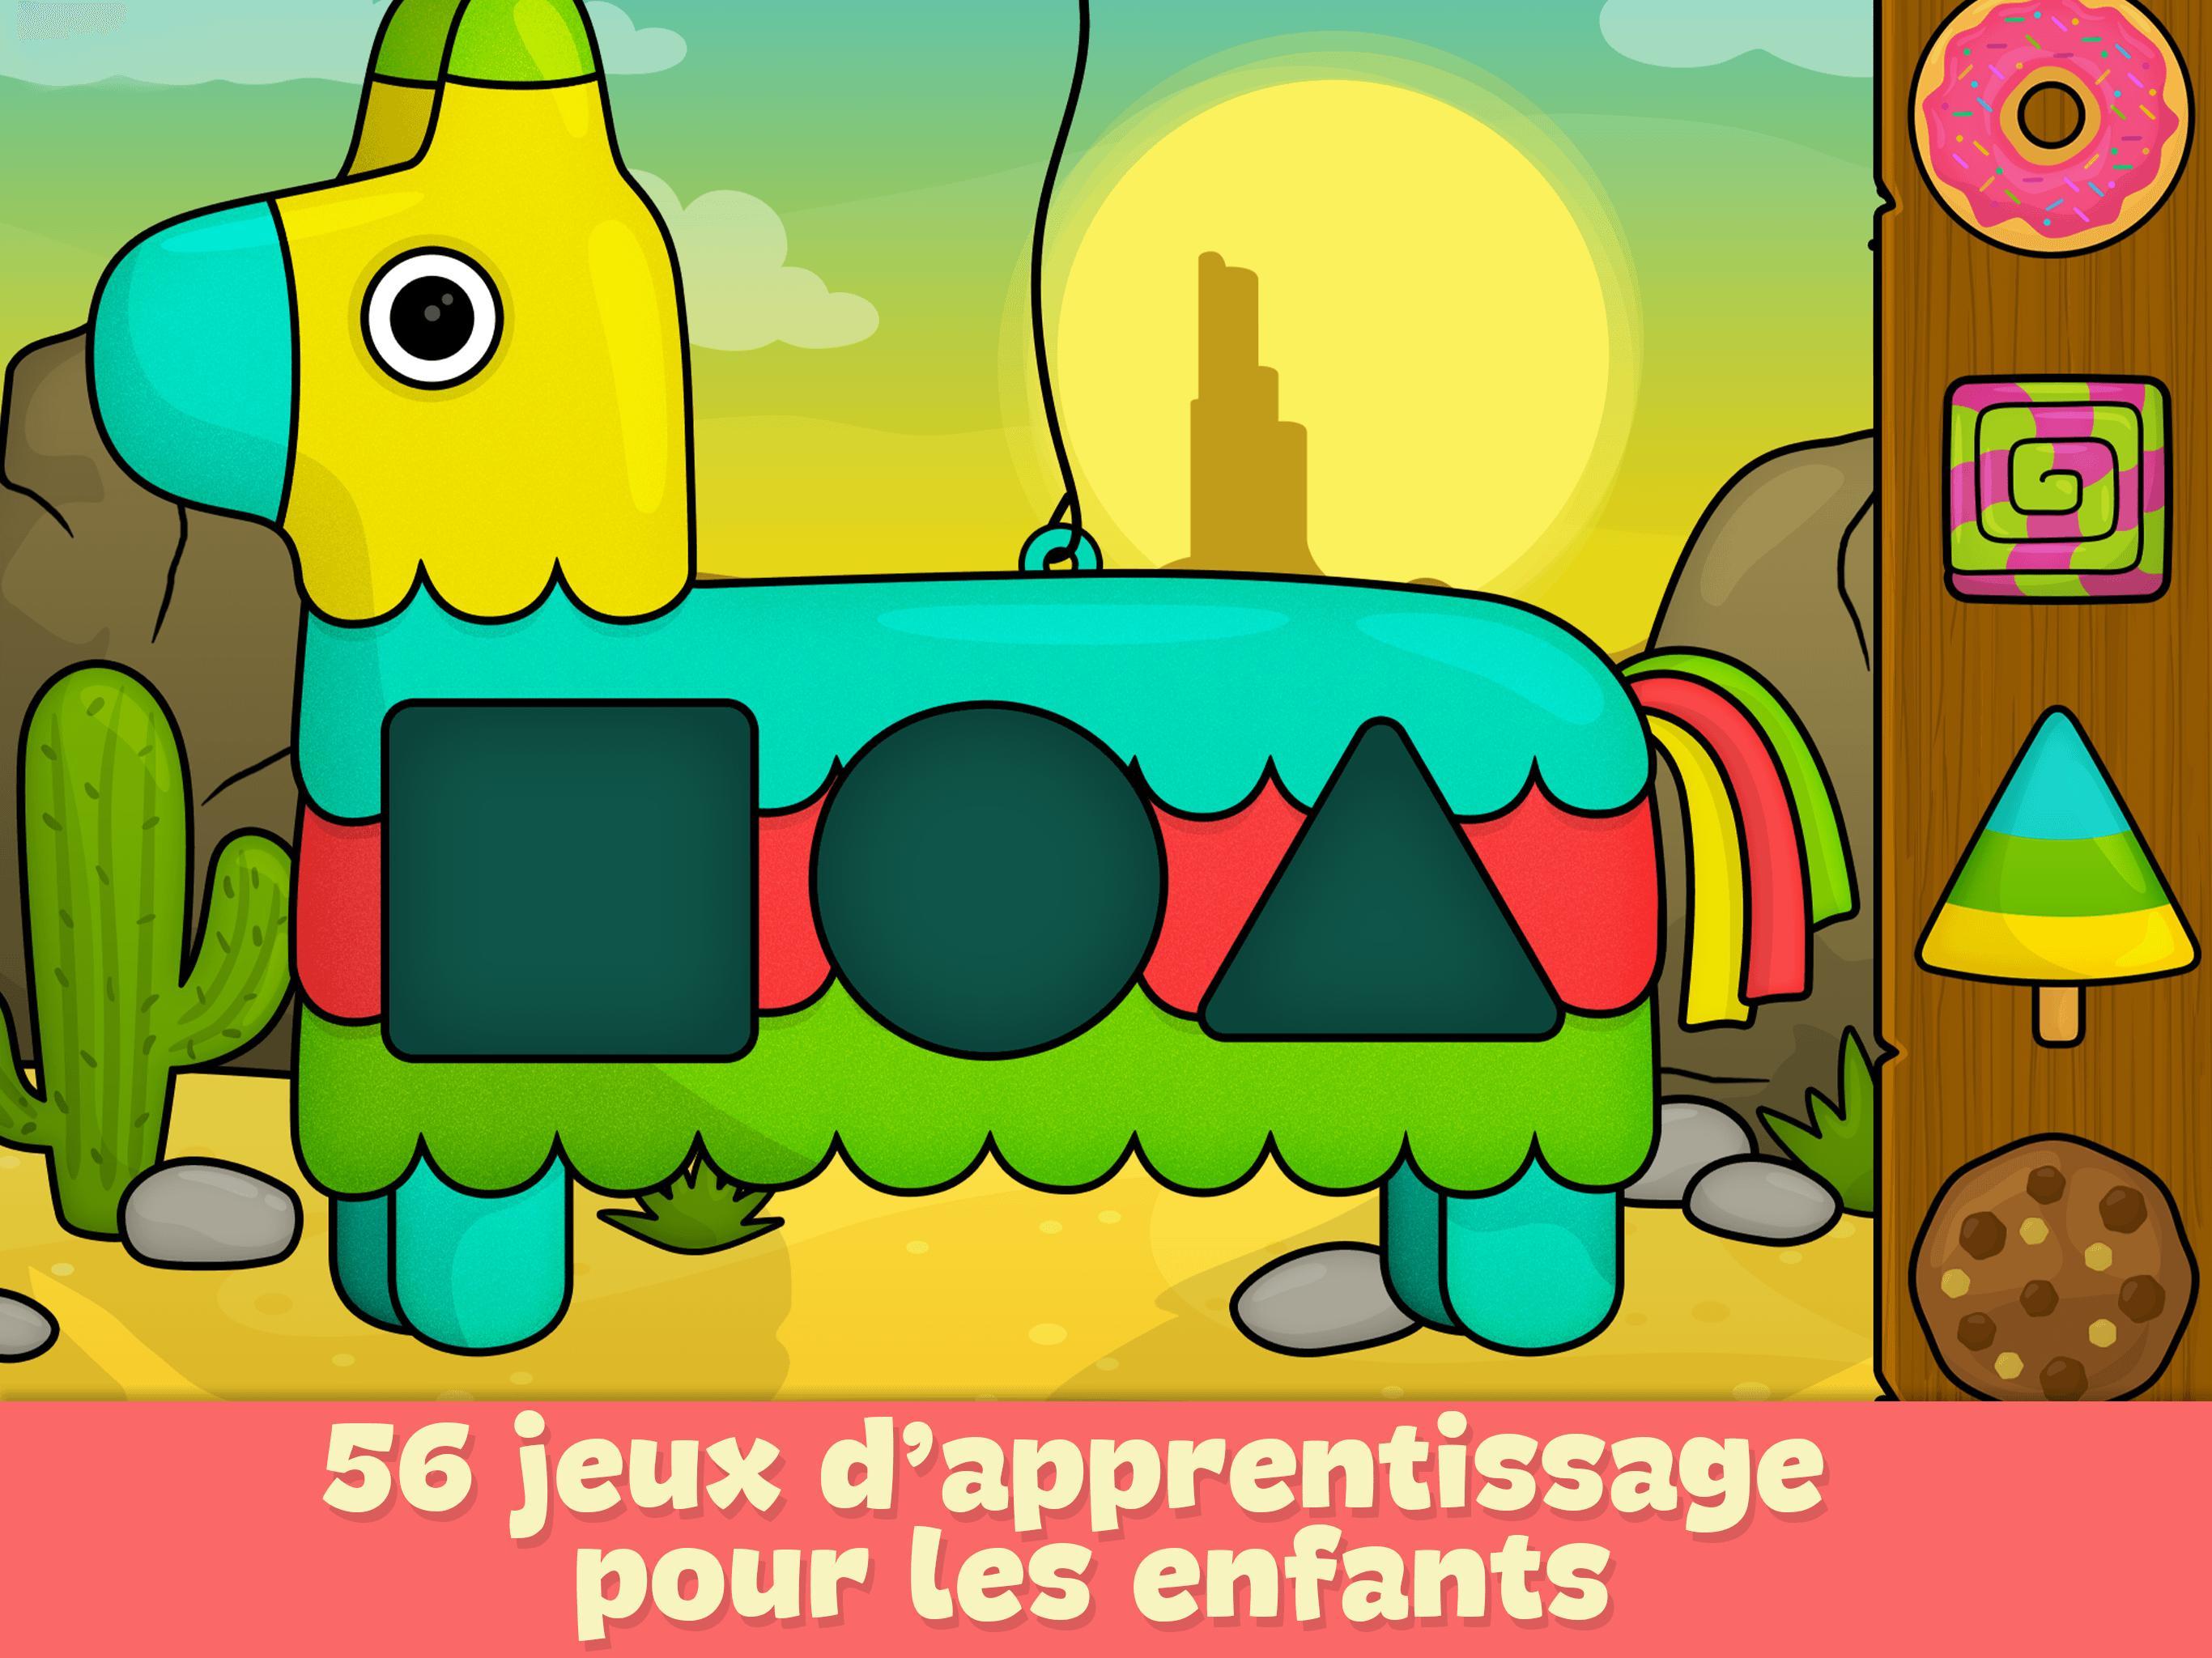 Jeux Pour Enfants 2 - 5 Ans Pour Android - Téléchargez L'apk à Jeux De Garcon Gratuit 3 Ans